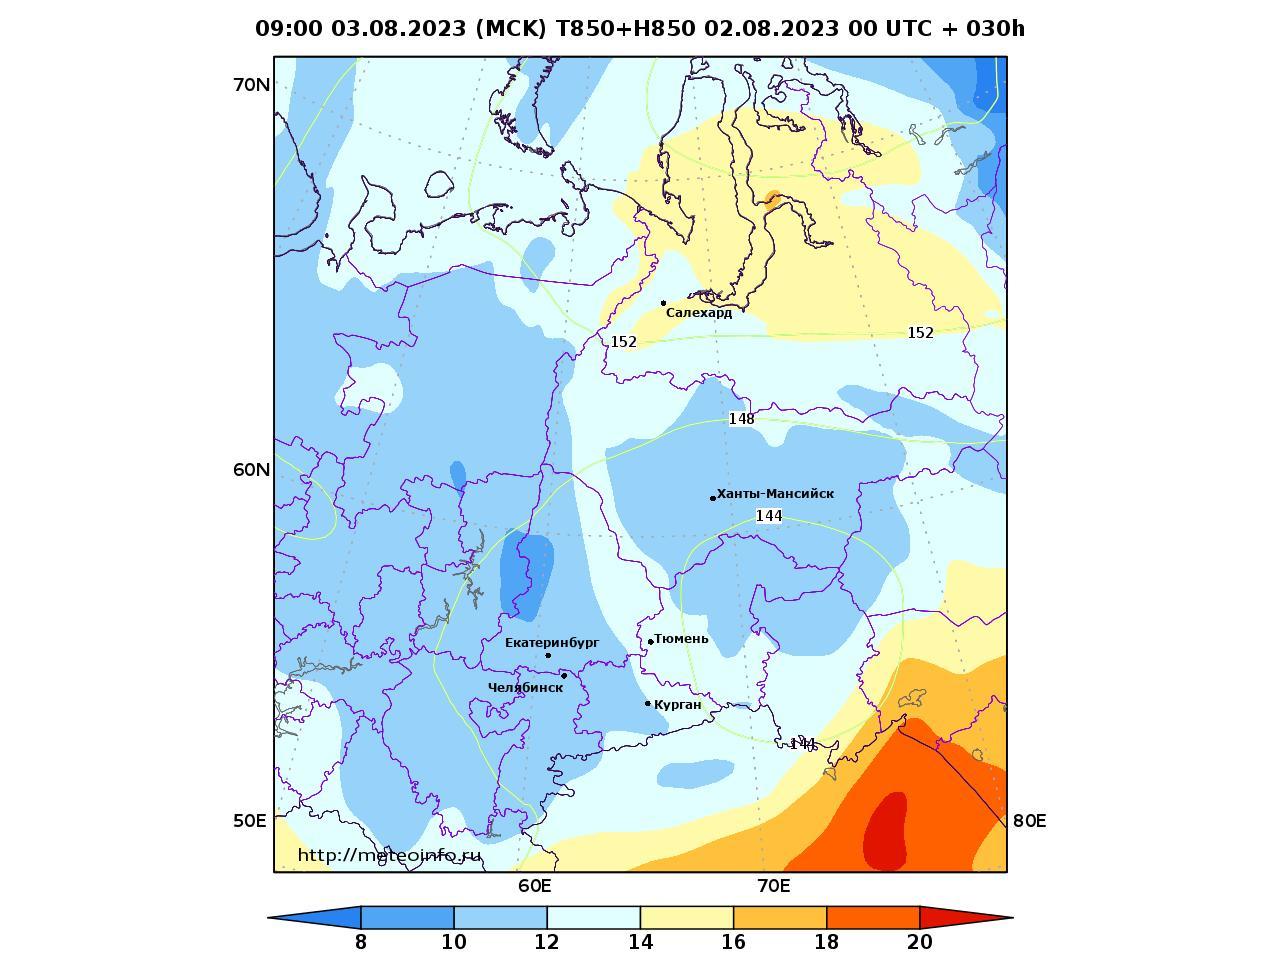 Уральский Федеральный округ, прогностическая карта температура T850 и геопотенциал H850, заблаговременность прогноза 30 часов